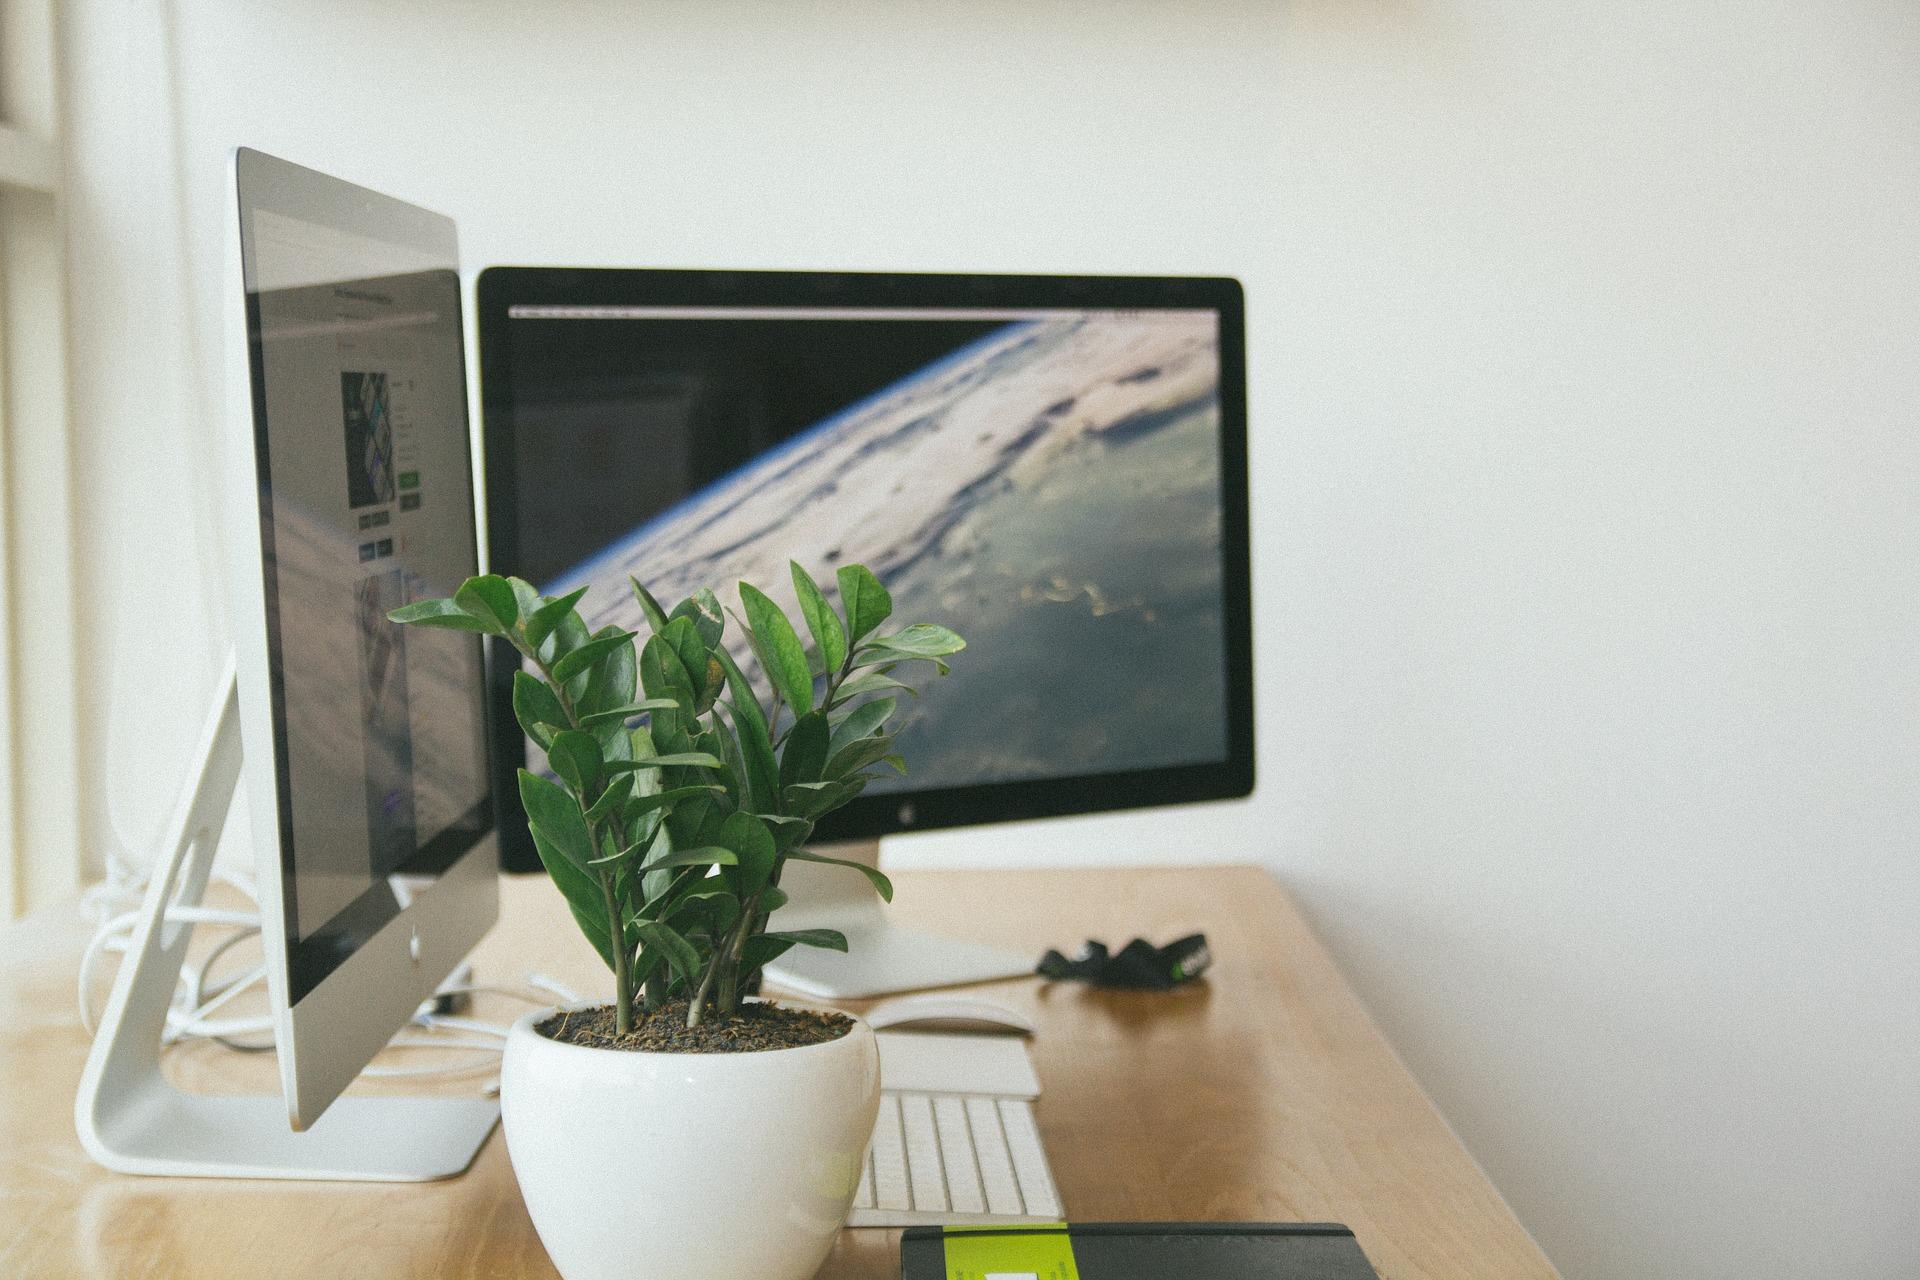 schreibtisch-bildschirm-tastatur-pflanze